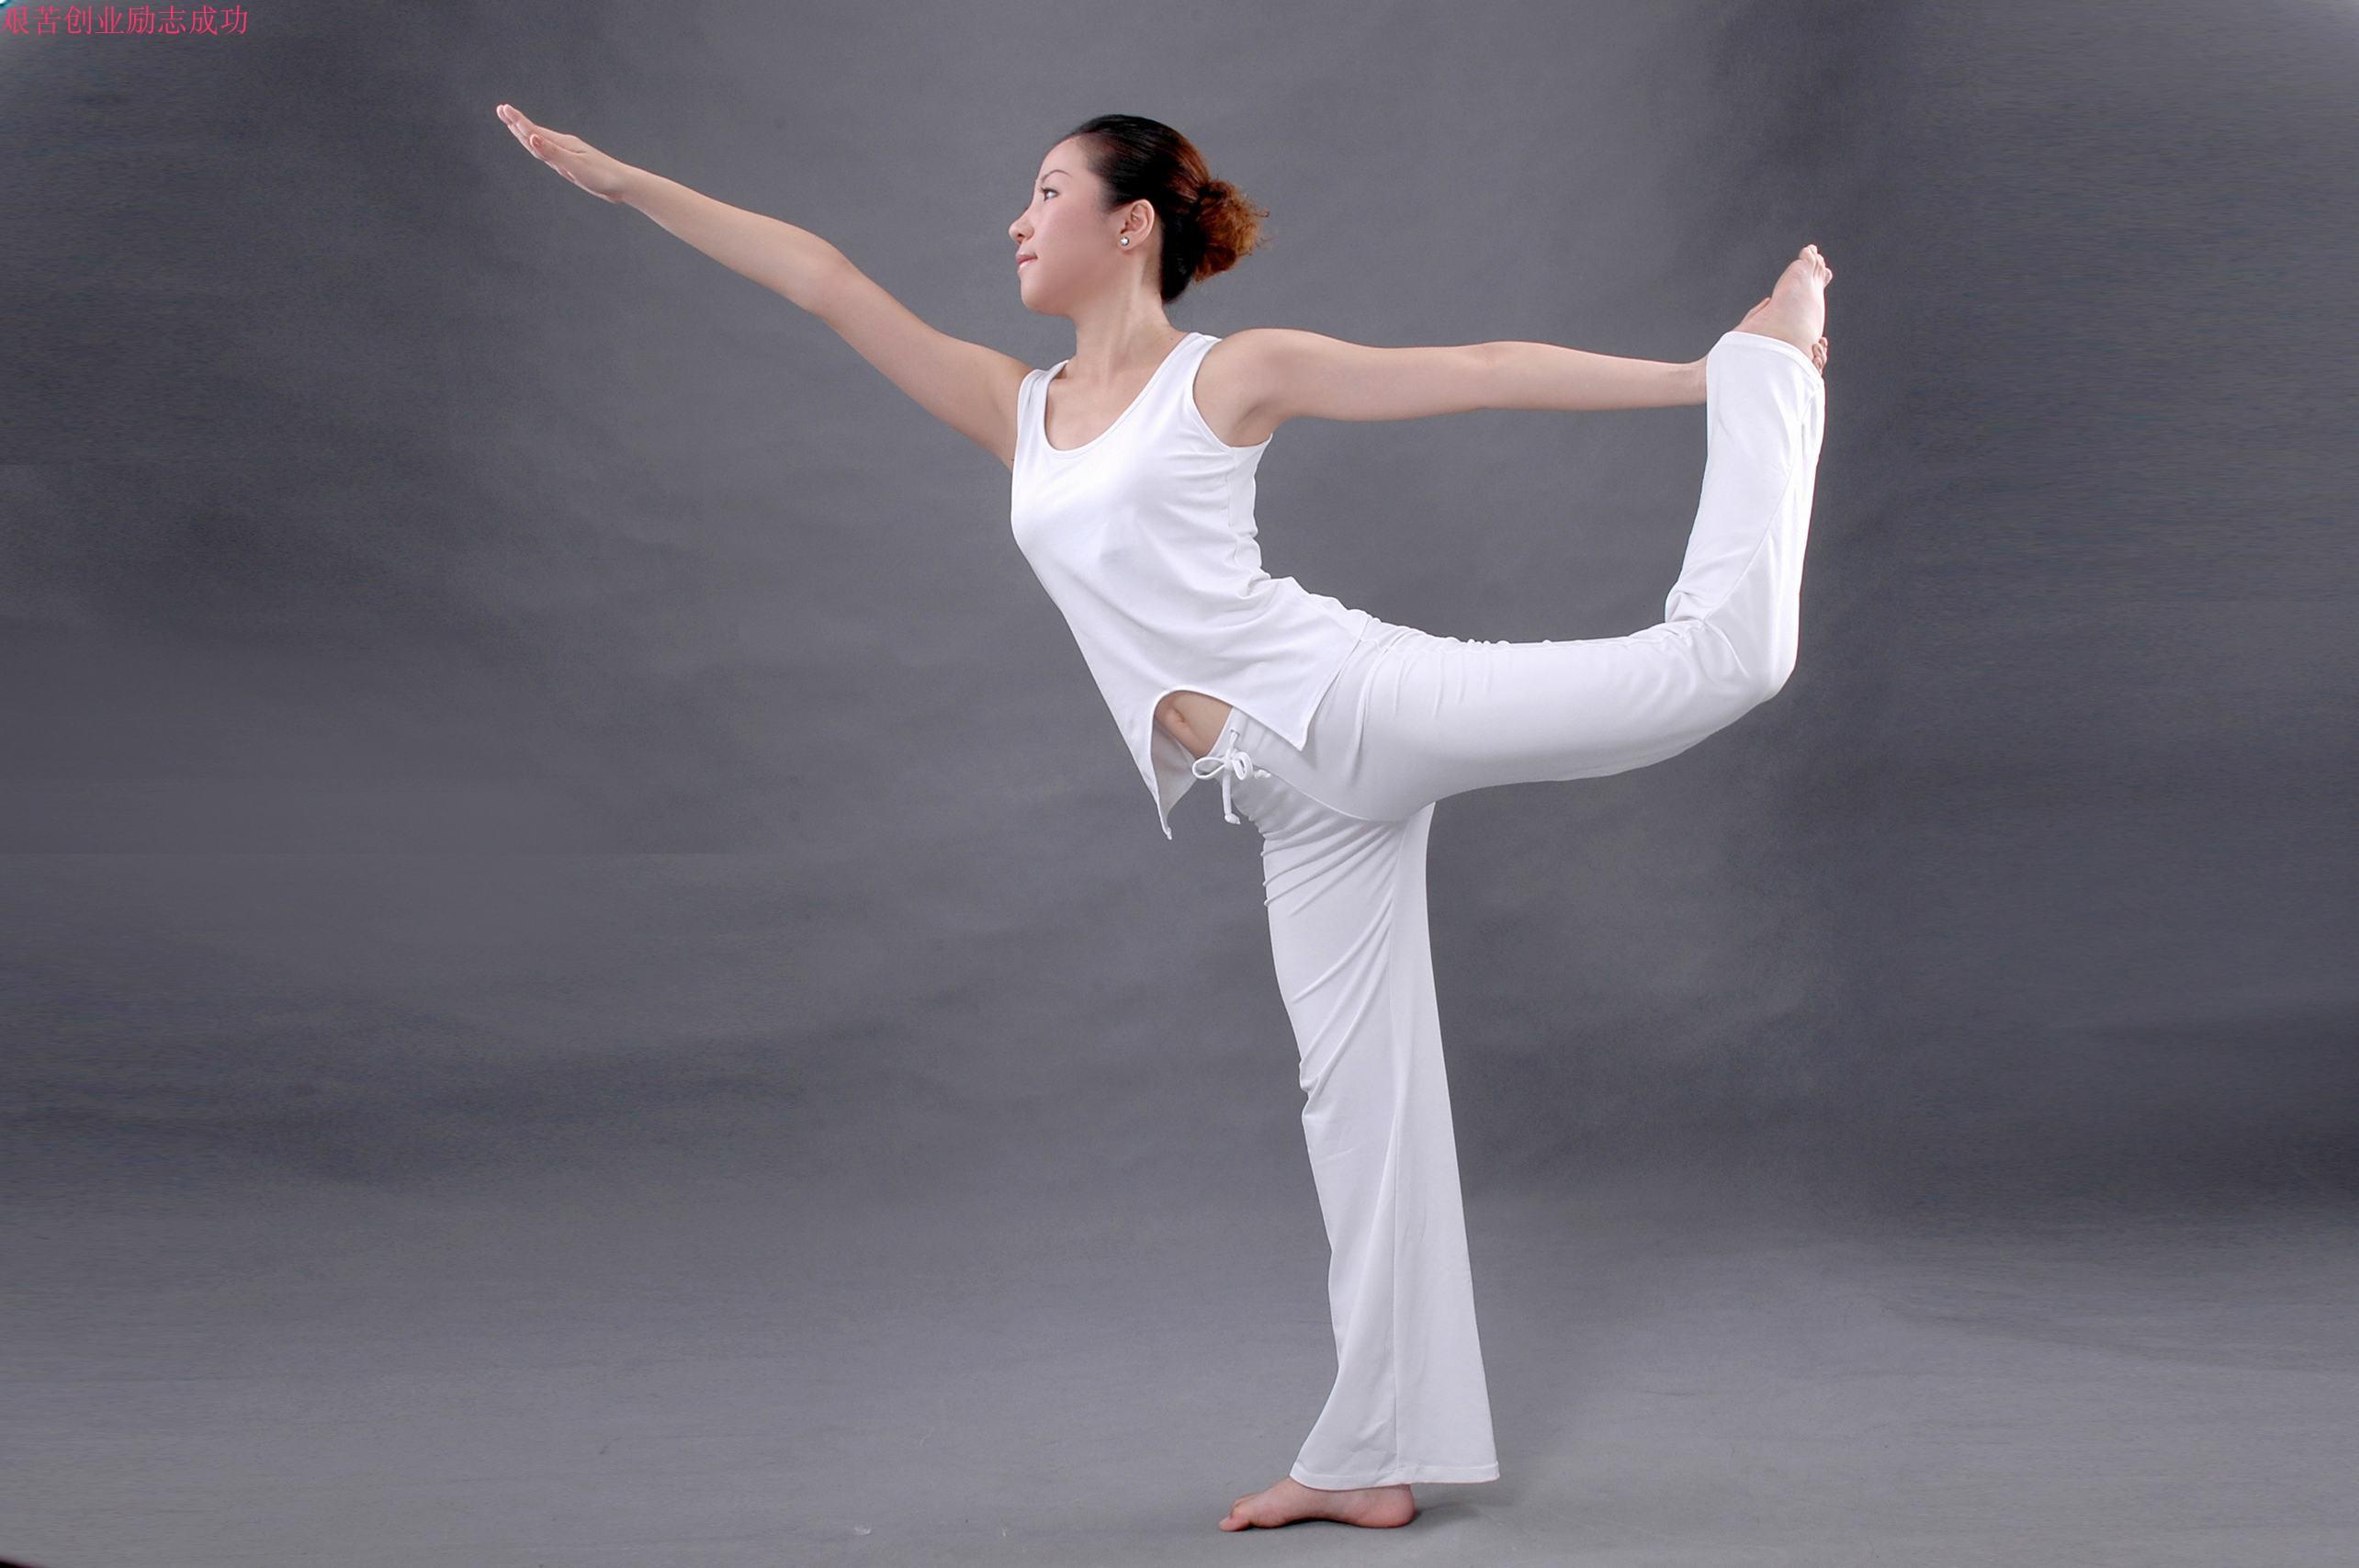 瑜伽美圖 現代裝飾畫標準美女柔術練功圖 裝飾畫掛圖貼畫高清照片圖片